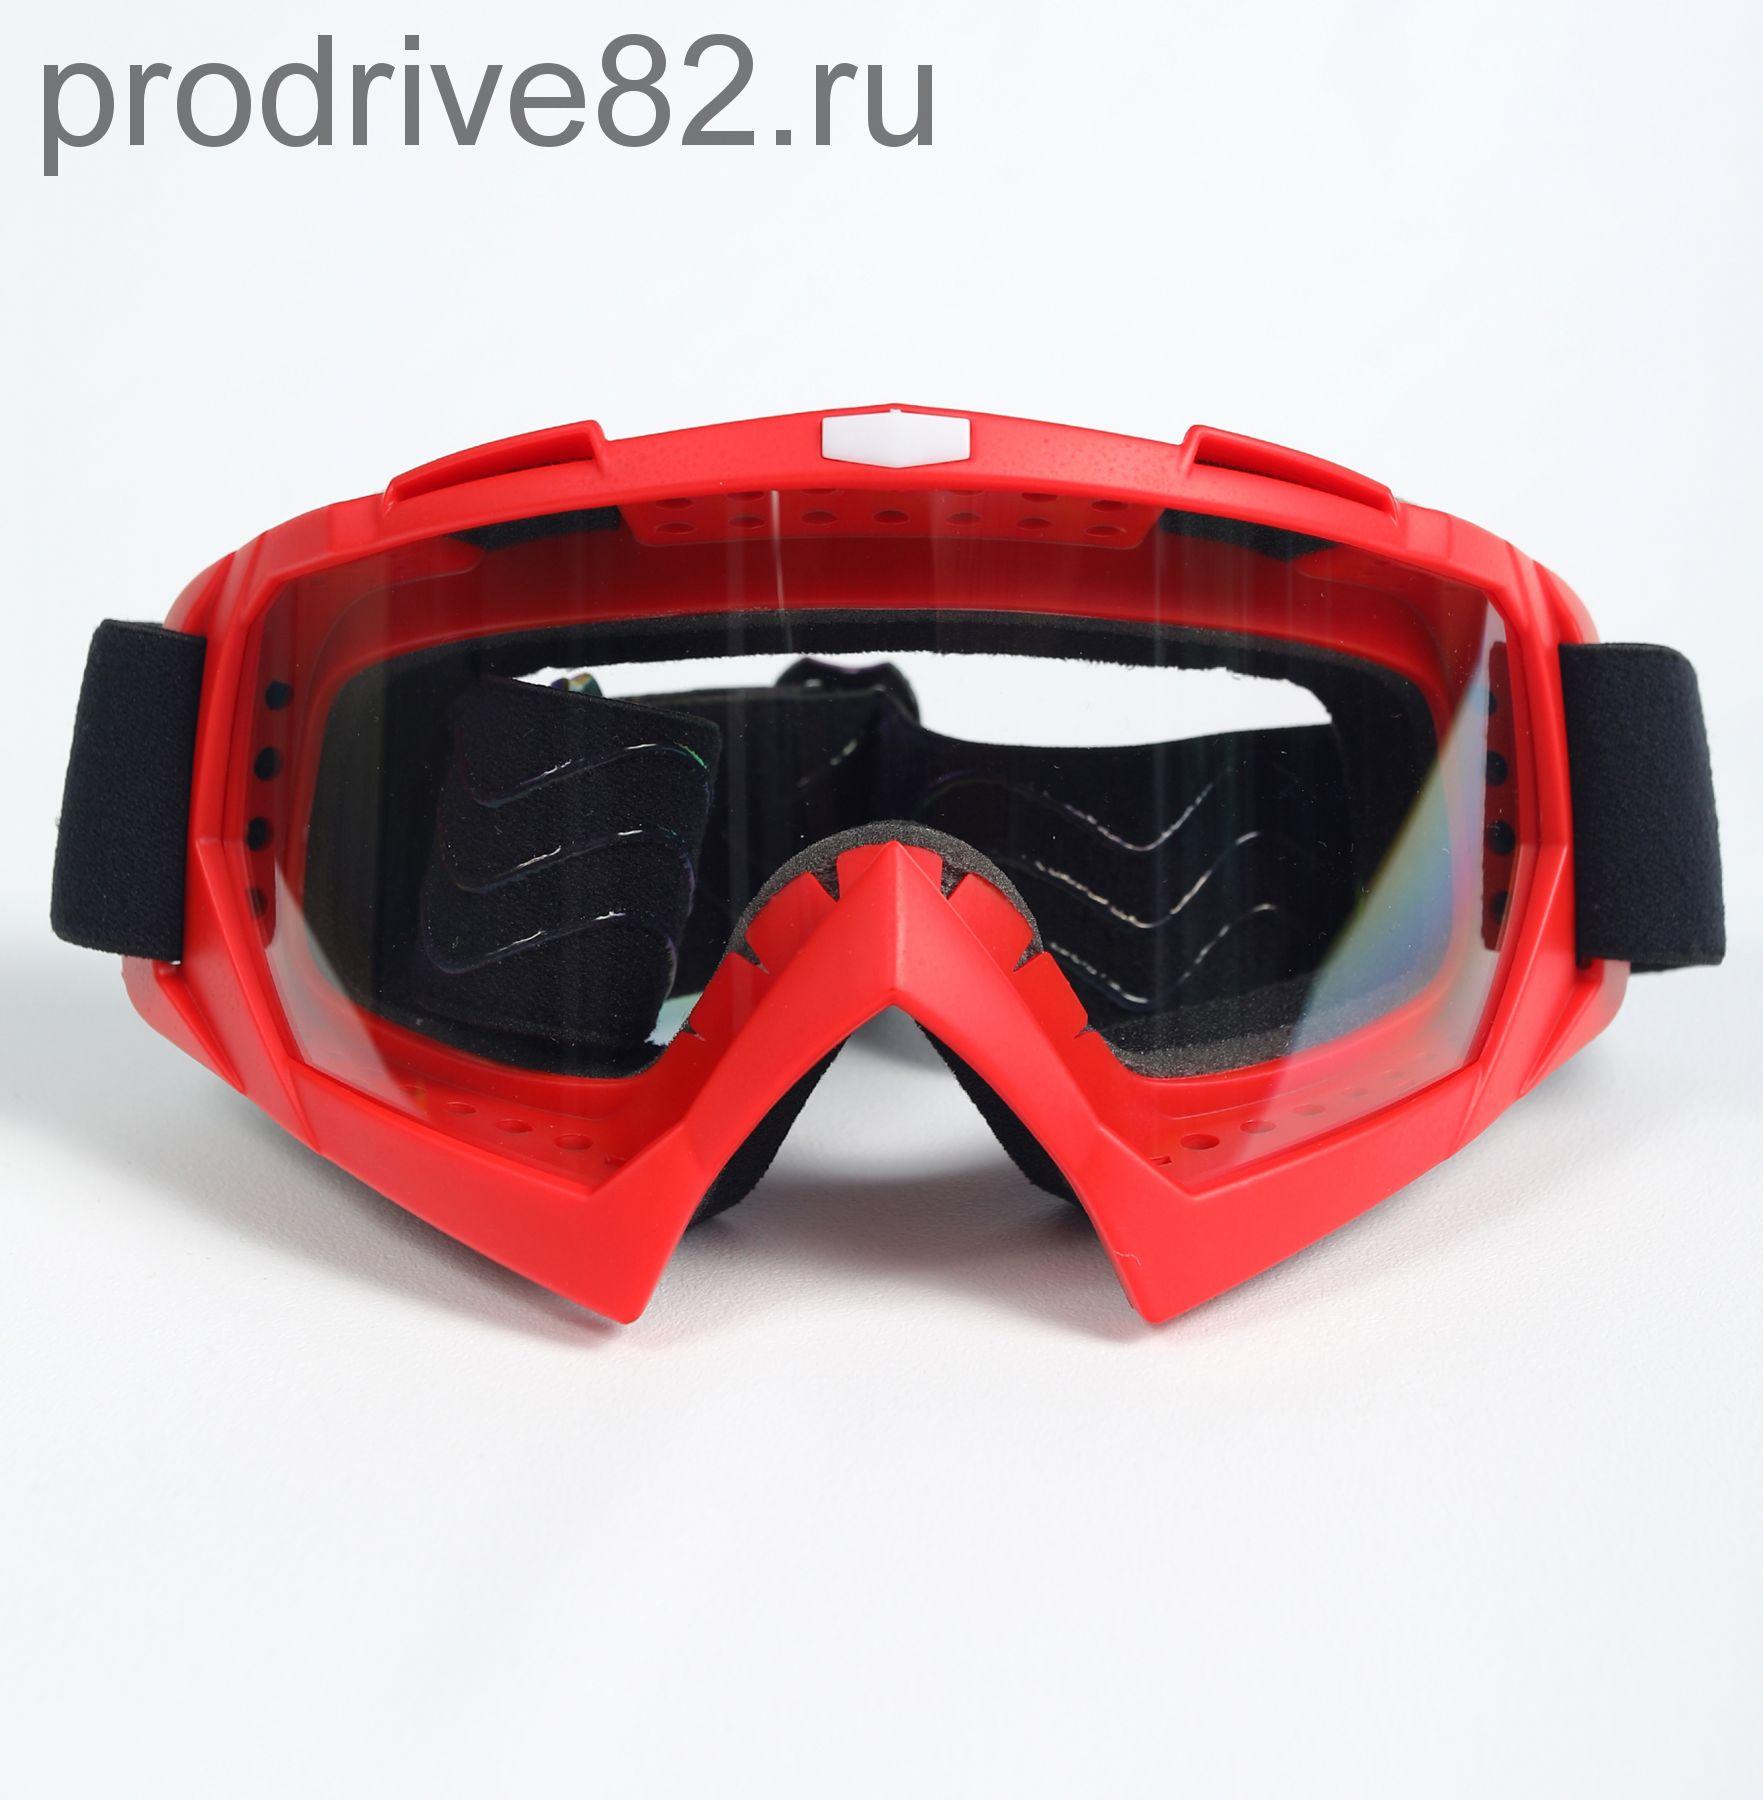 Мото очки М004 Red